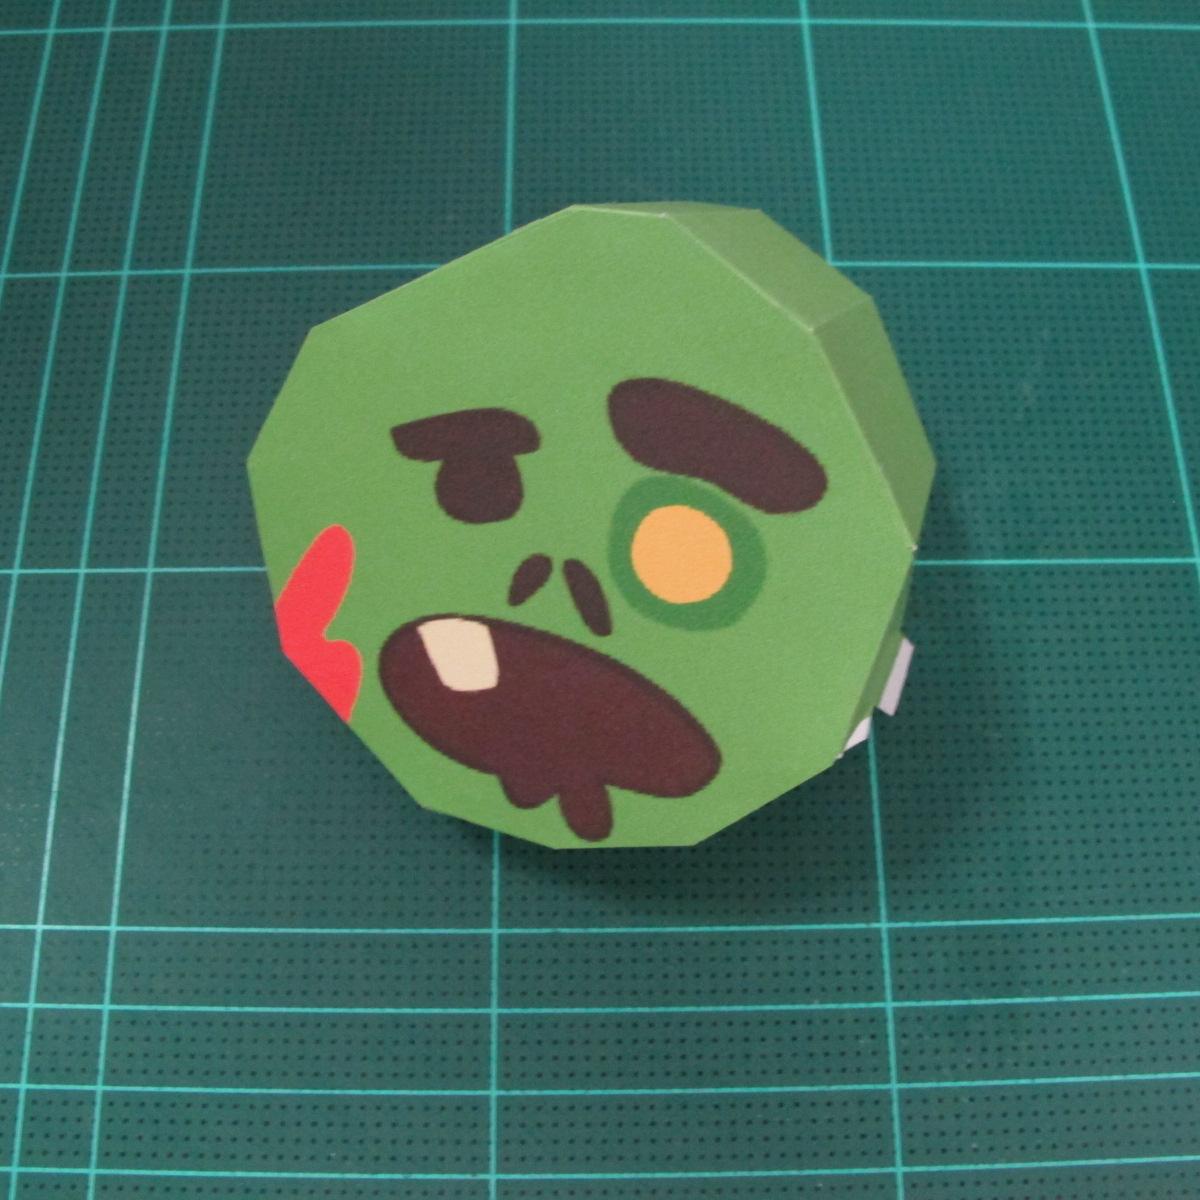 วิธีทำโมเดลกระดาษตุ้กตา คุกกี้ รัน คุกกี้รสซอมบี้ (LINE Cookie Run Zombie Cookie Papercraft Model) 003